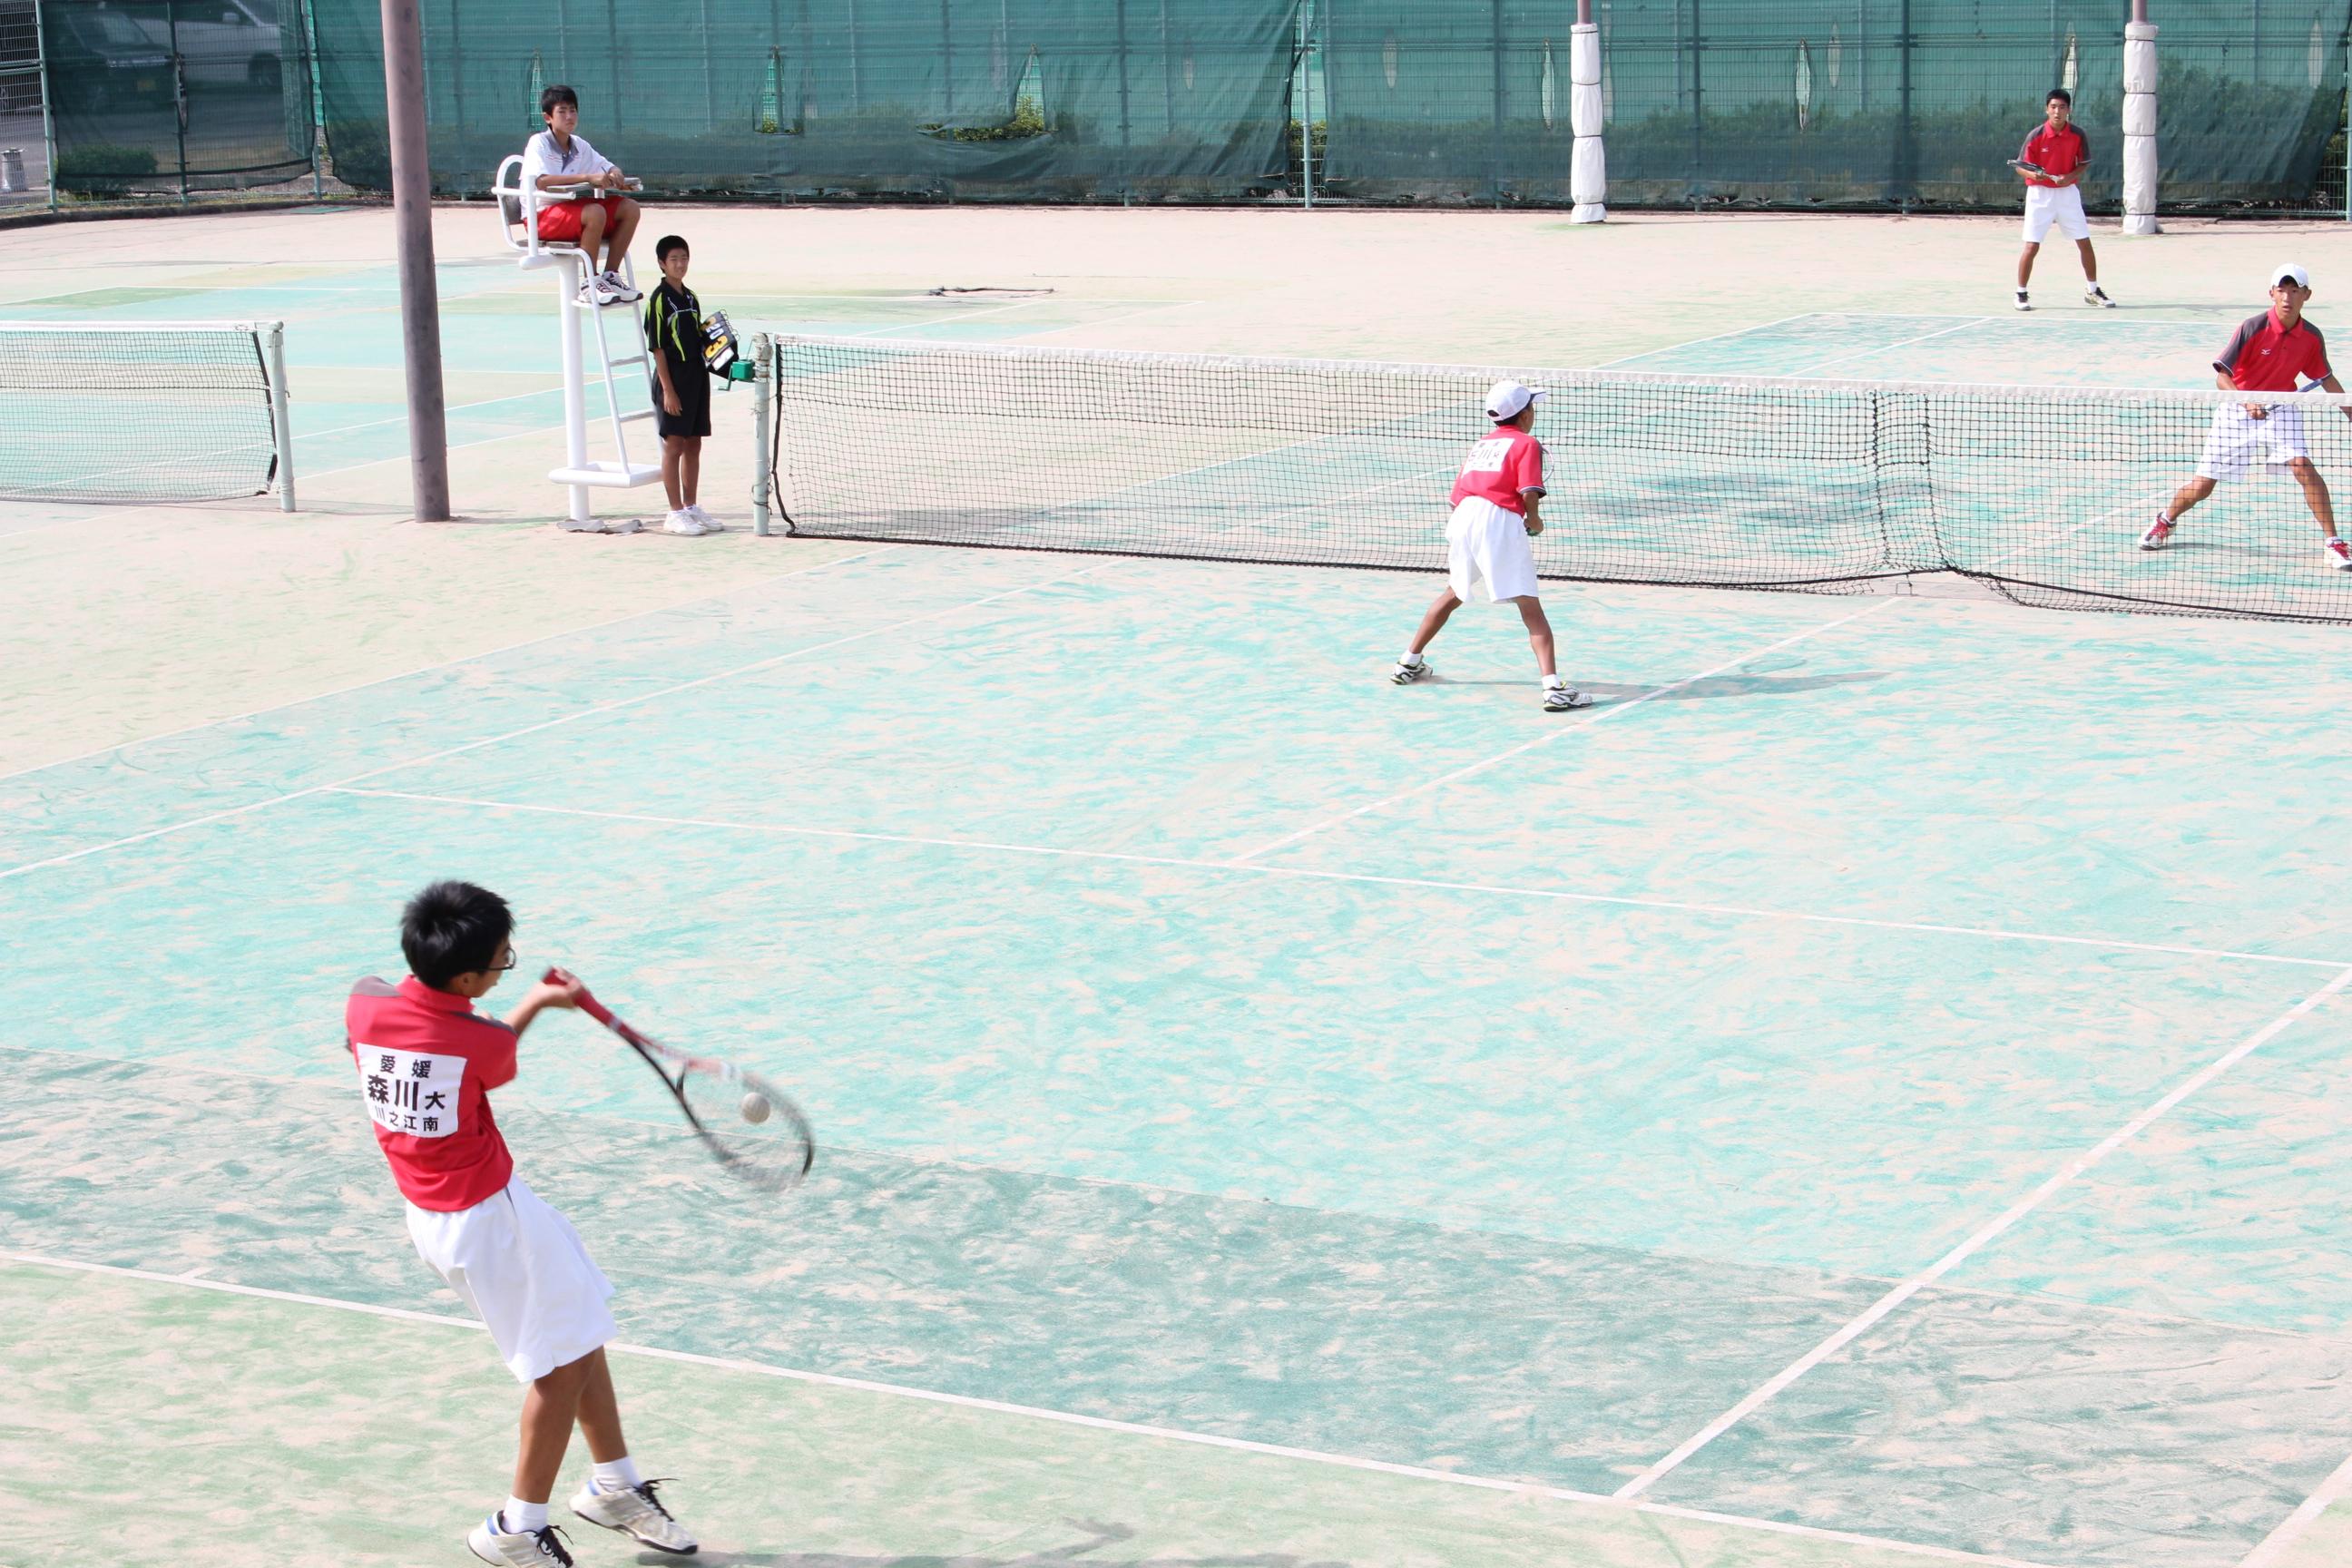 ソフトテニス (9)